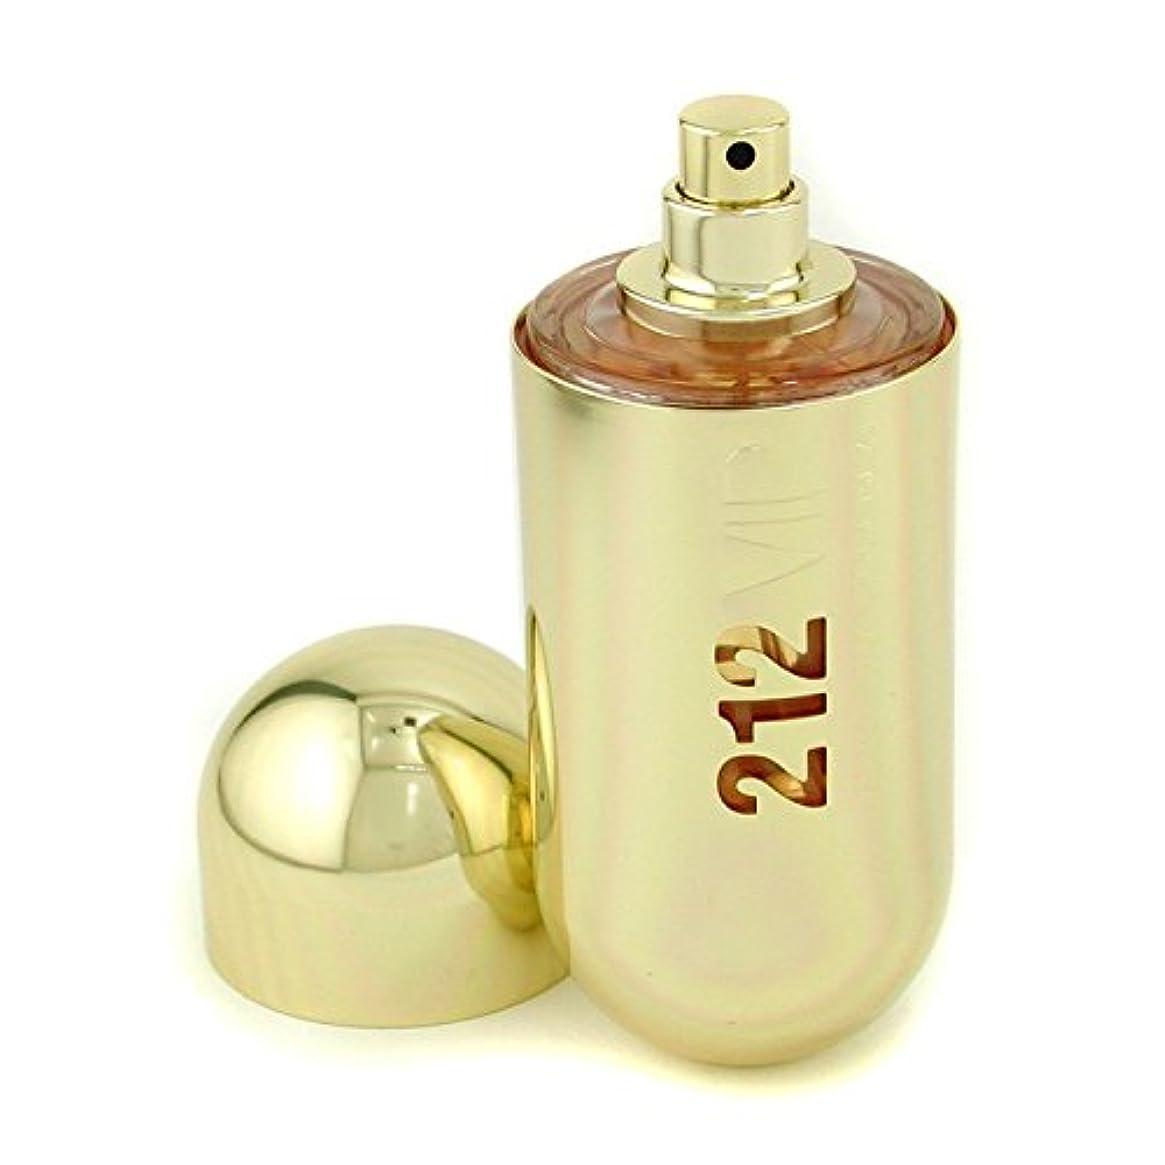 振り返る触手敬意を表するキャロライナヘレラ 212 VIP オードパルファムスプレー 80ml/2.6oz並行輸入品